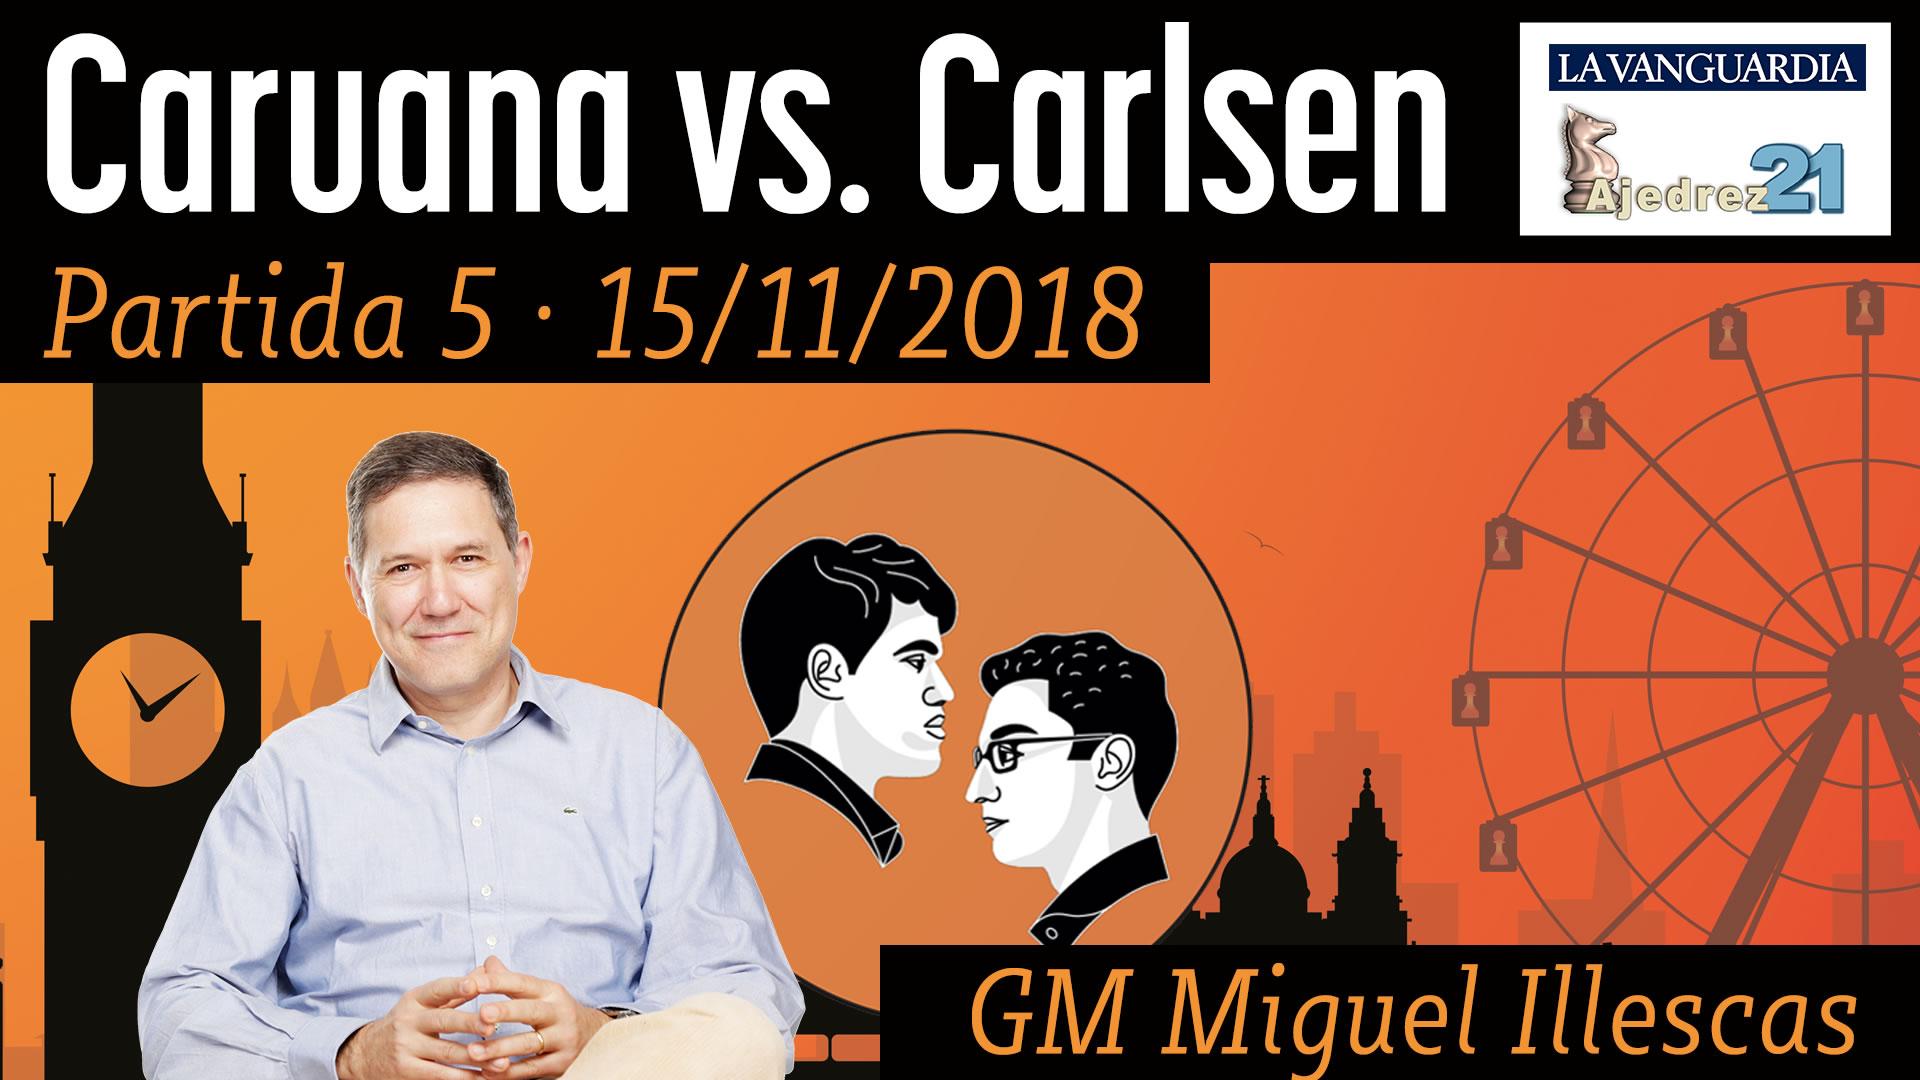 Partida 5 - Mundial ajedrez Carlsen - Caruana (GM Miguel Illescas)